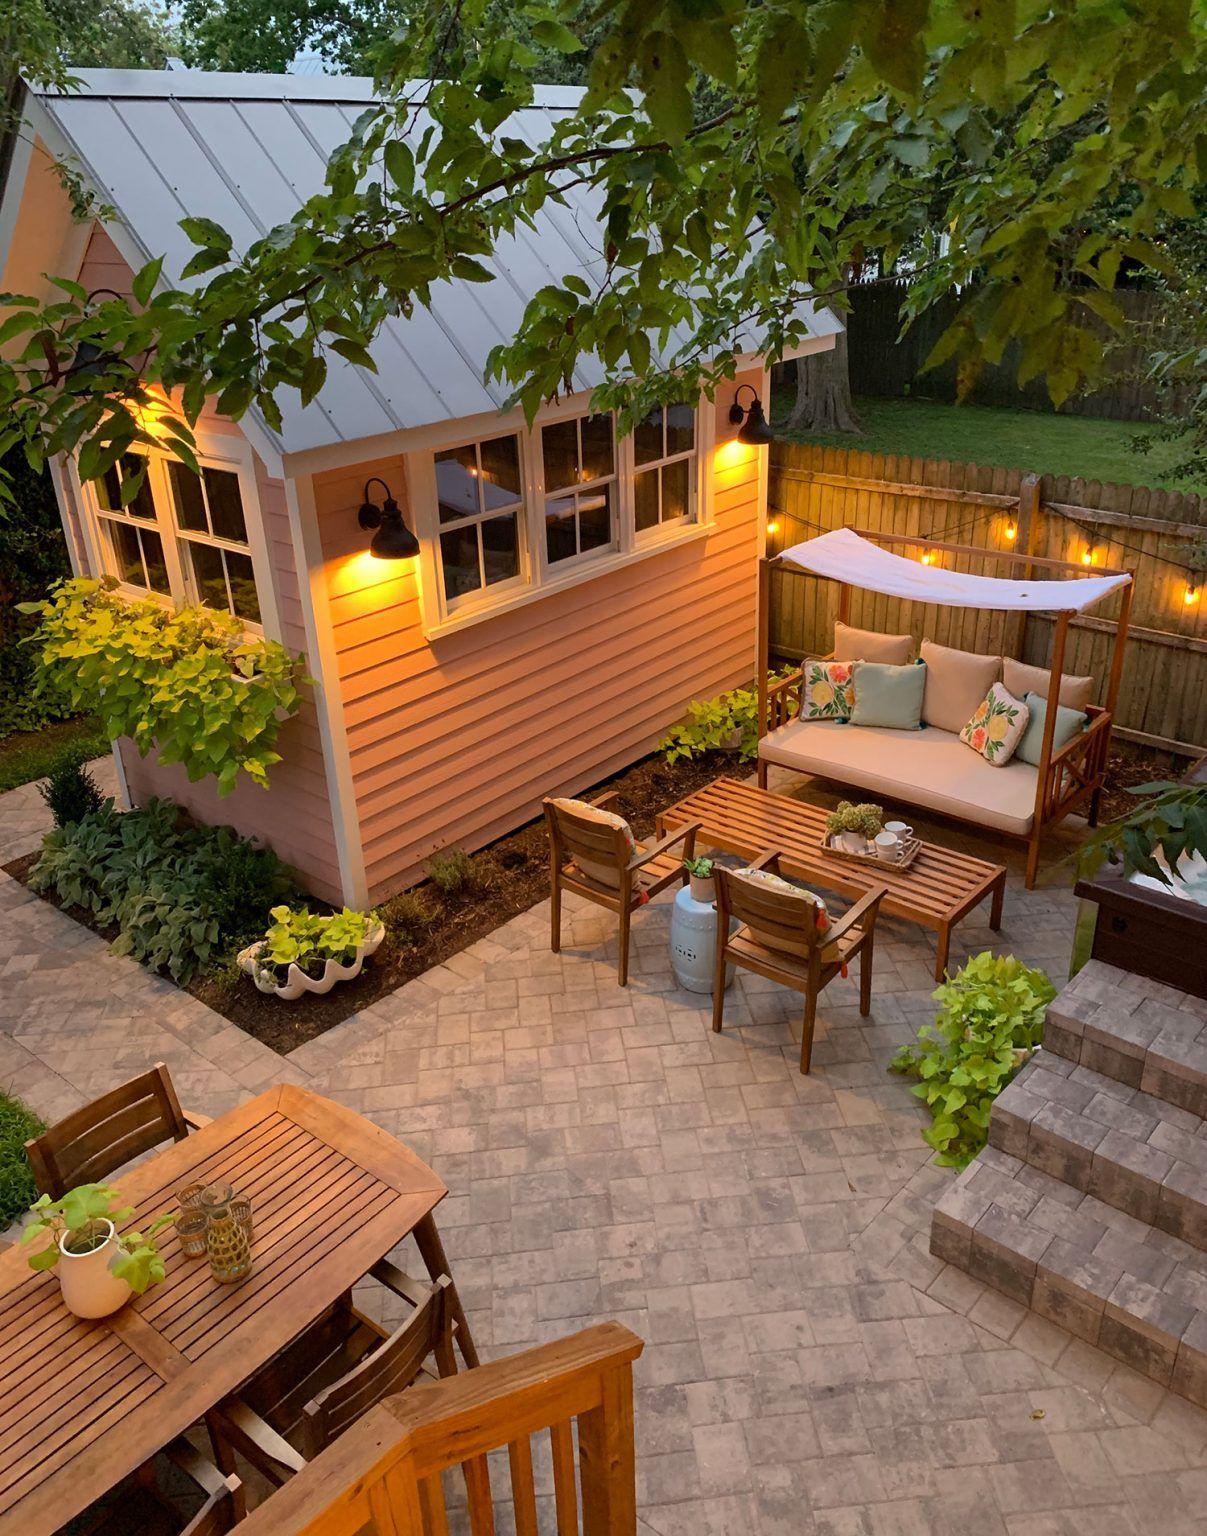 159 Are You A Maximizer Or A Satisficer Young House Love House Backyard Backyard Beach House Backyard Shore house backyard ideas